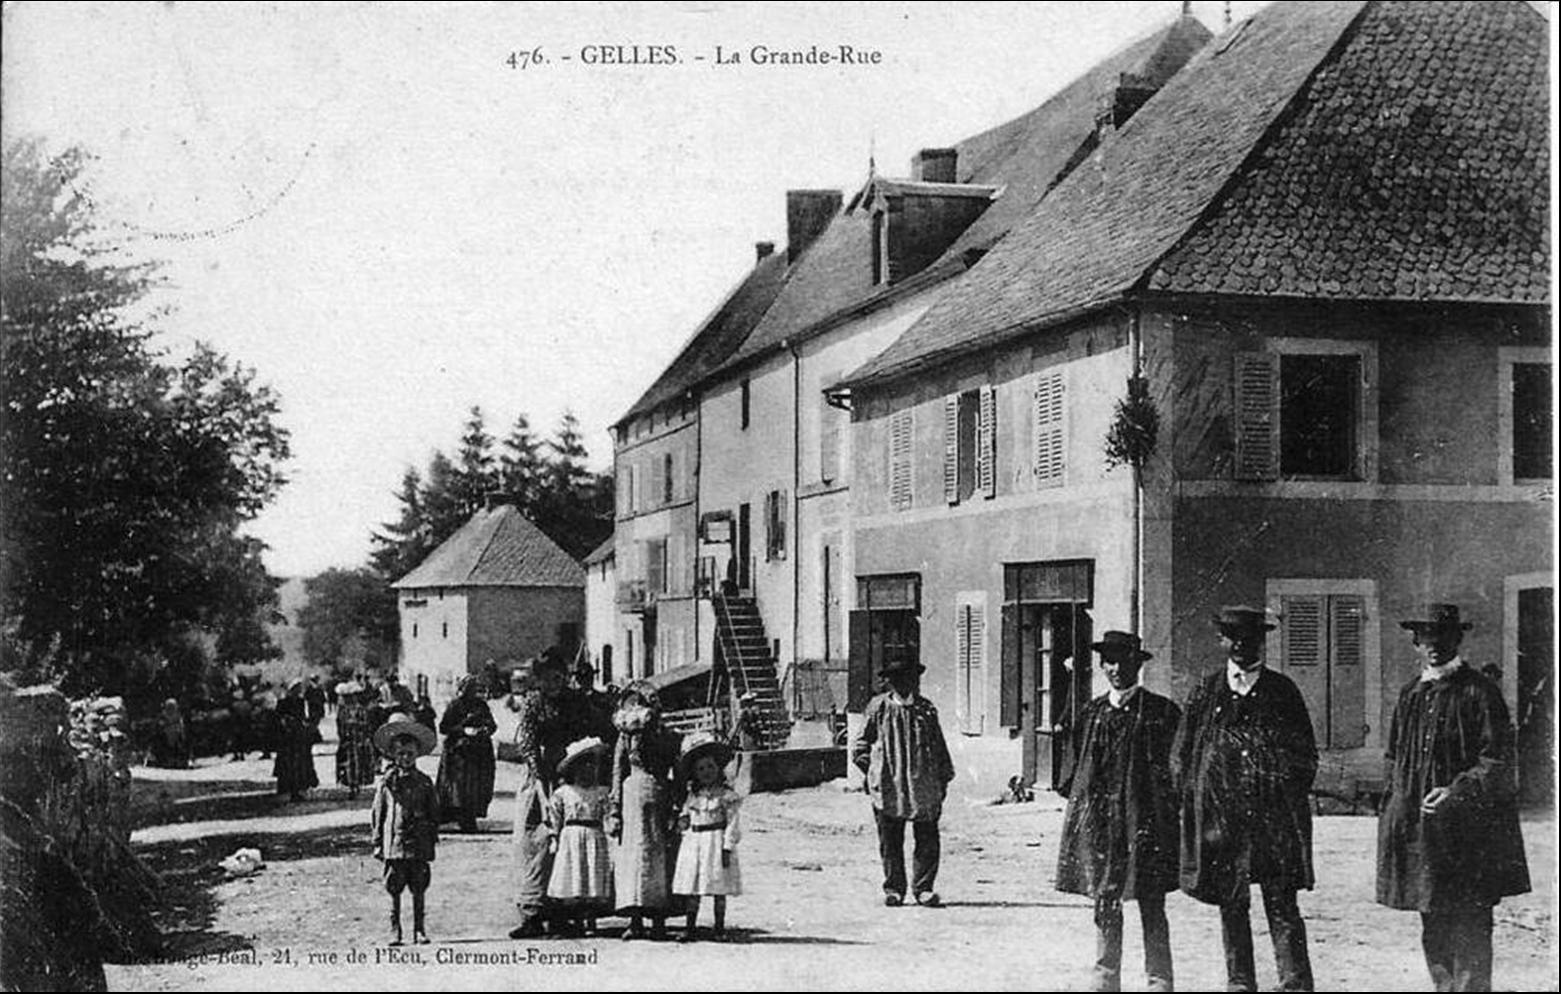 Il était une fois l'Auvergne: Gelles dans le Puy de Dôme